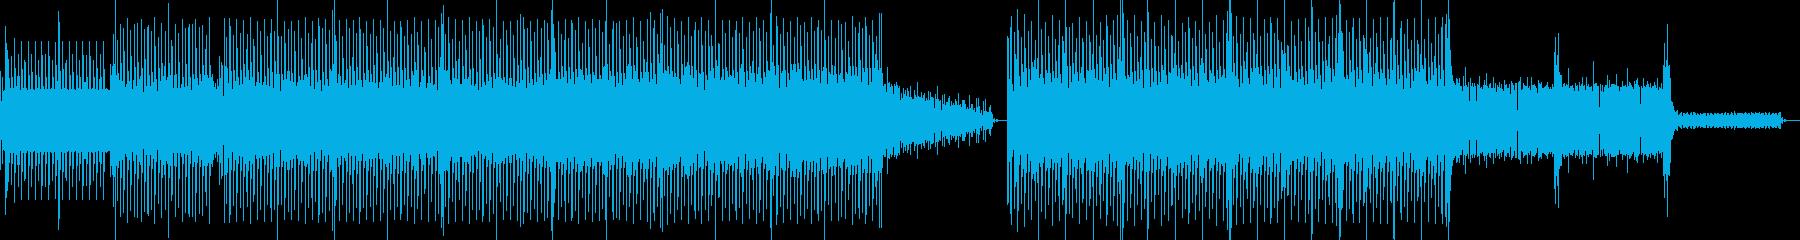 低音リズムが特徴的なシックなサウンドの再生済みの波形